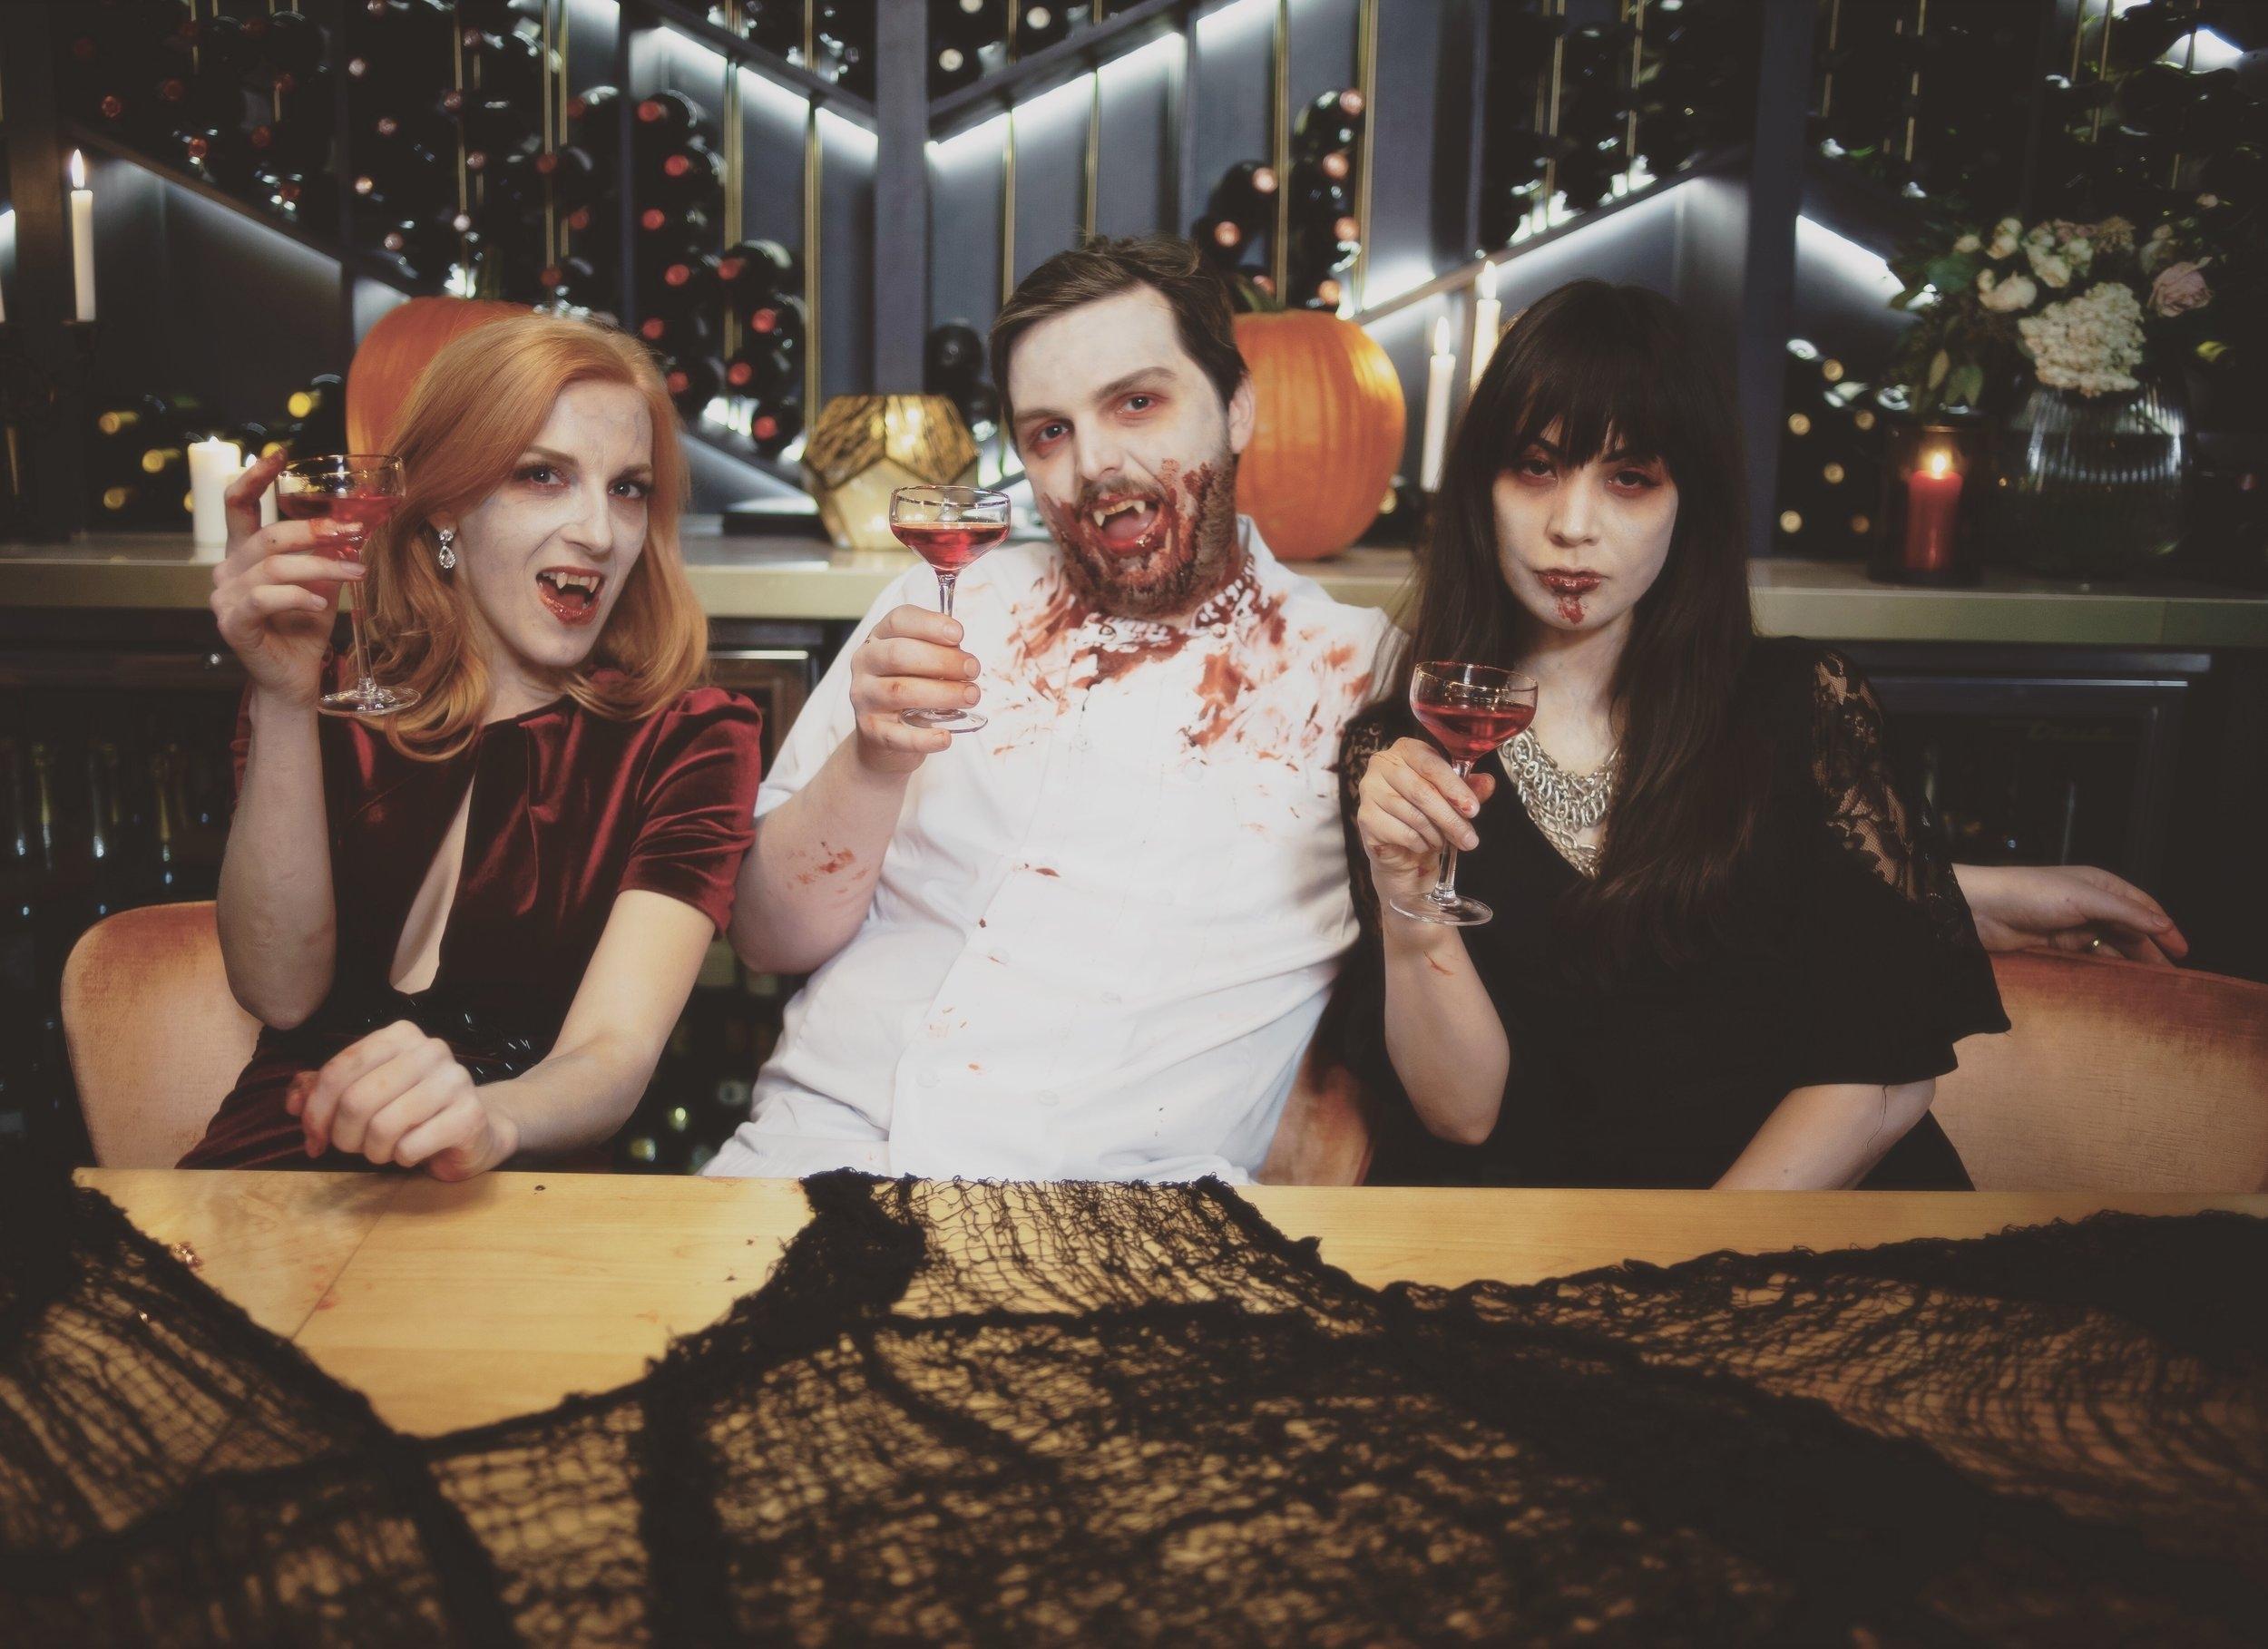 The Vampires of Bacchanal